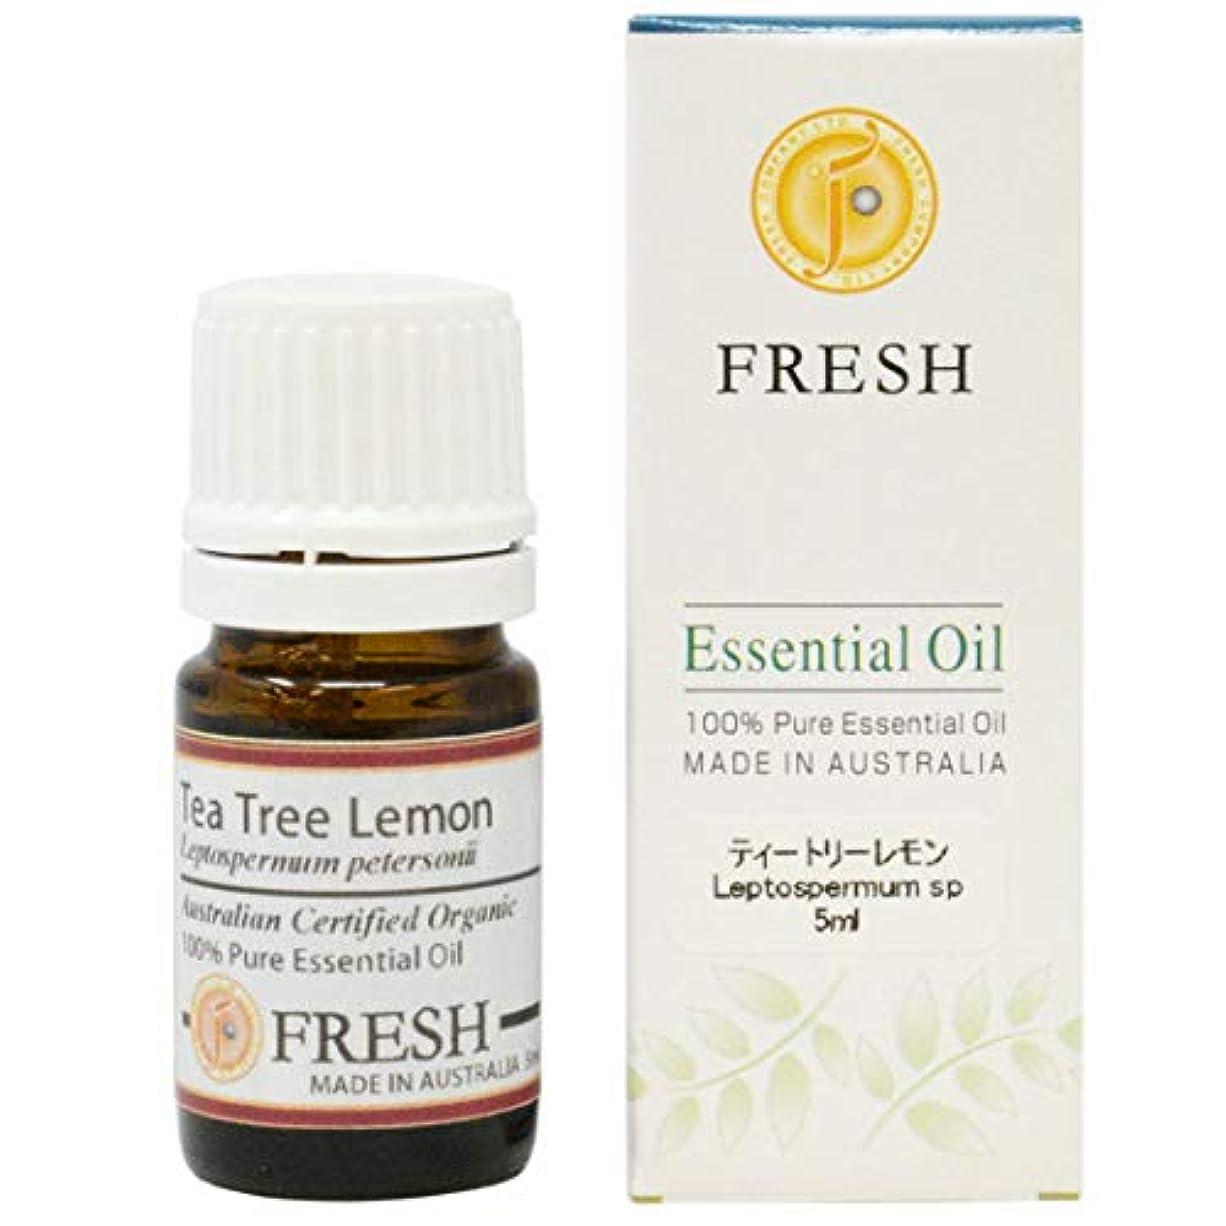 物質オーブン環境に優しいFRESH オーガニック エッセンシャルオイル ティートリーレモン 5ml (FRESH 精油)